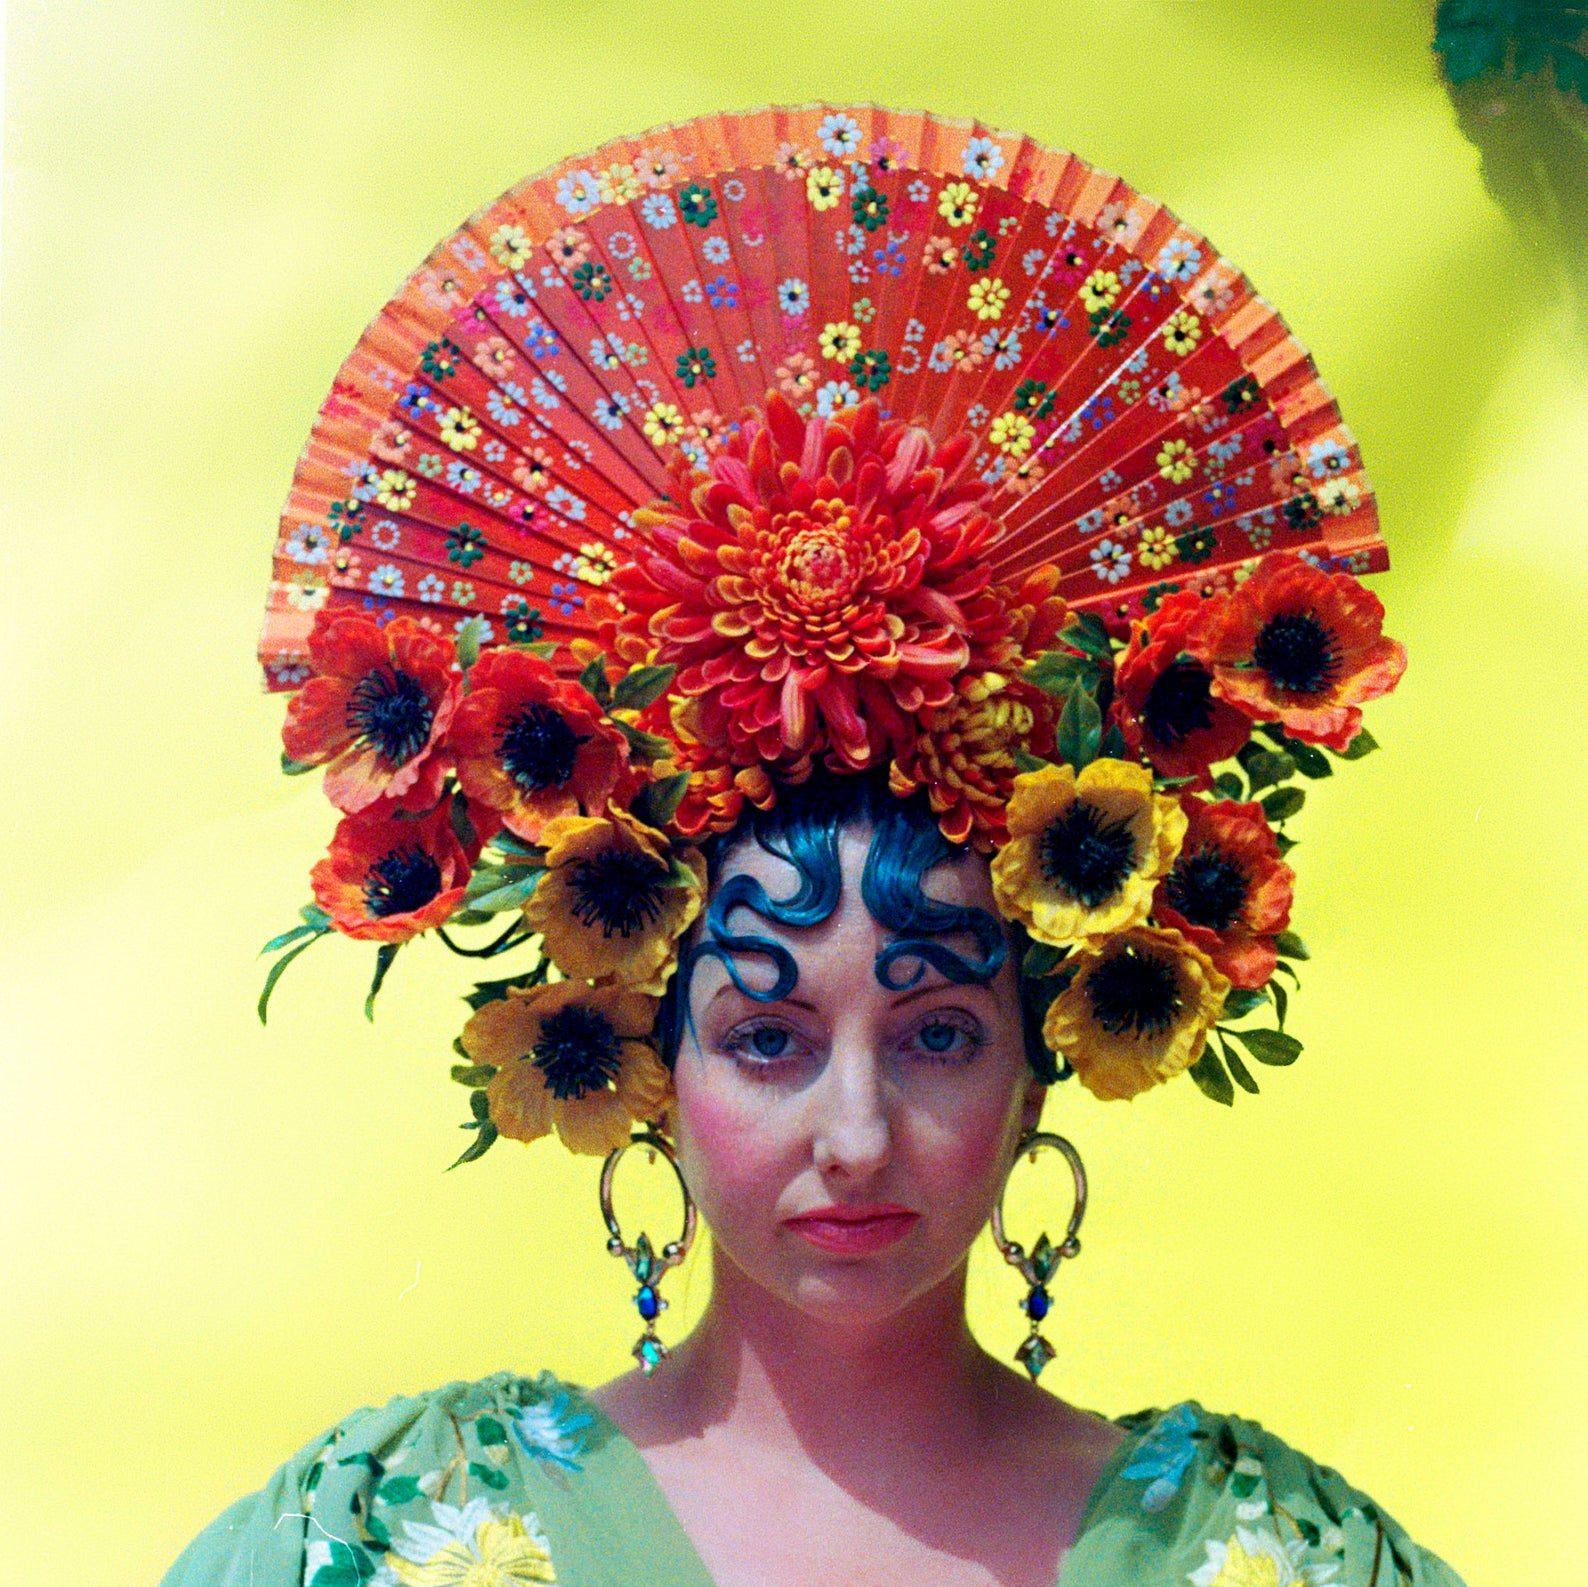 Fan shaped festival headpiece